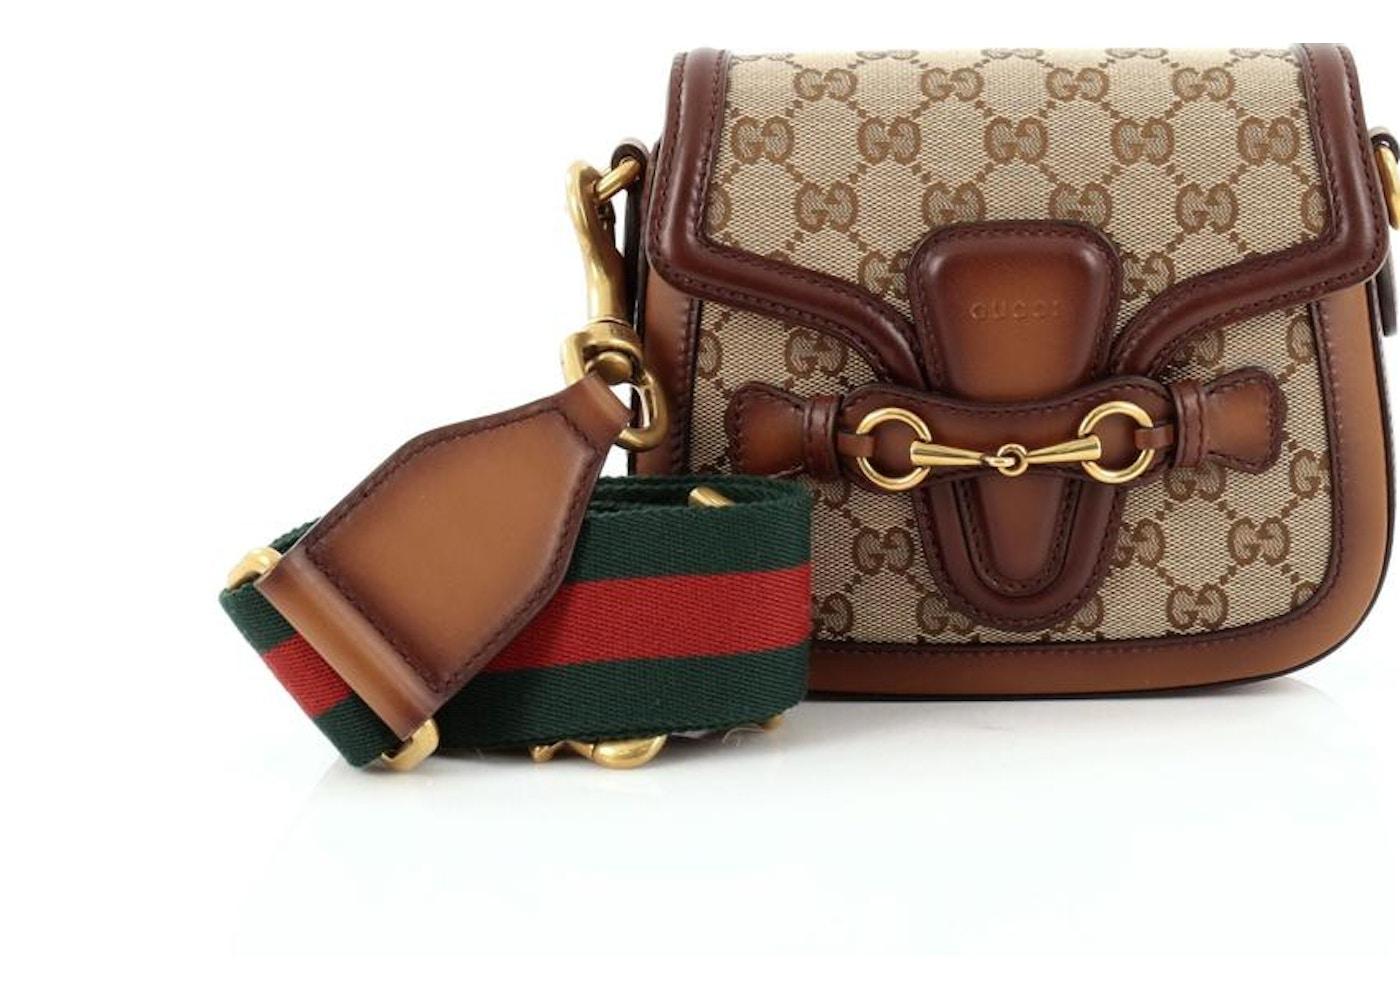 fd9d01d7c4c Gucci Lady Web Shoulder Bag Monogram GG Small Brown Beige ...